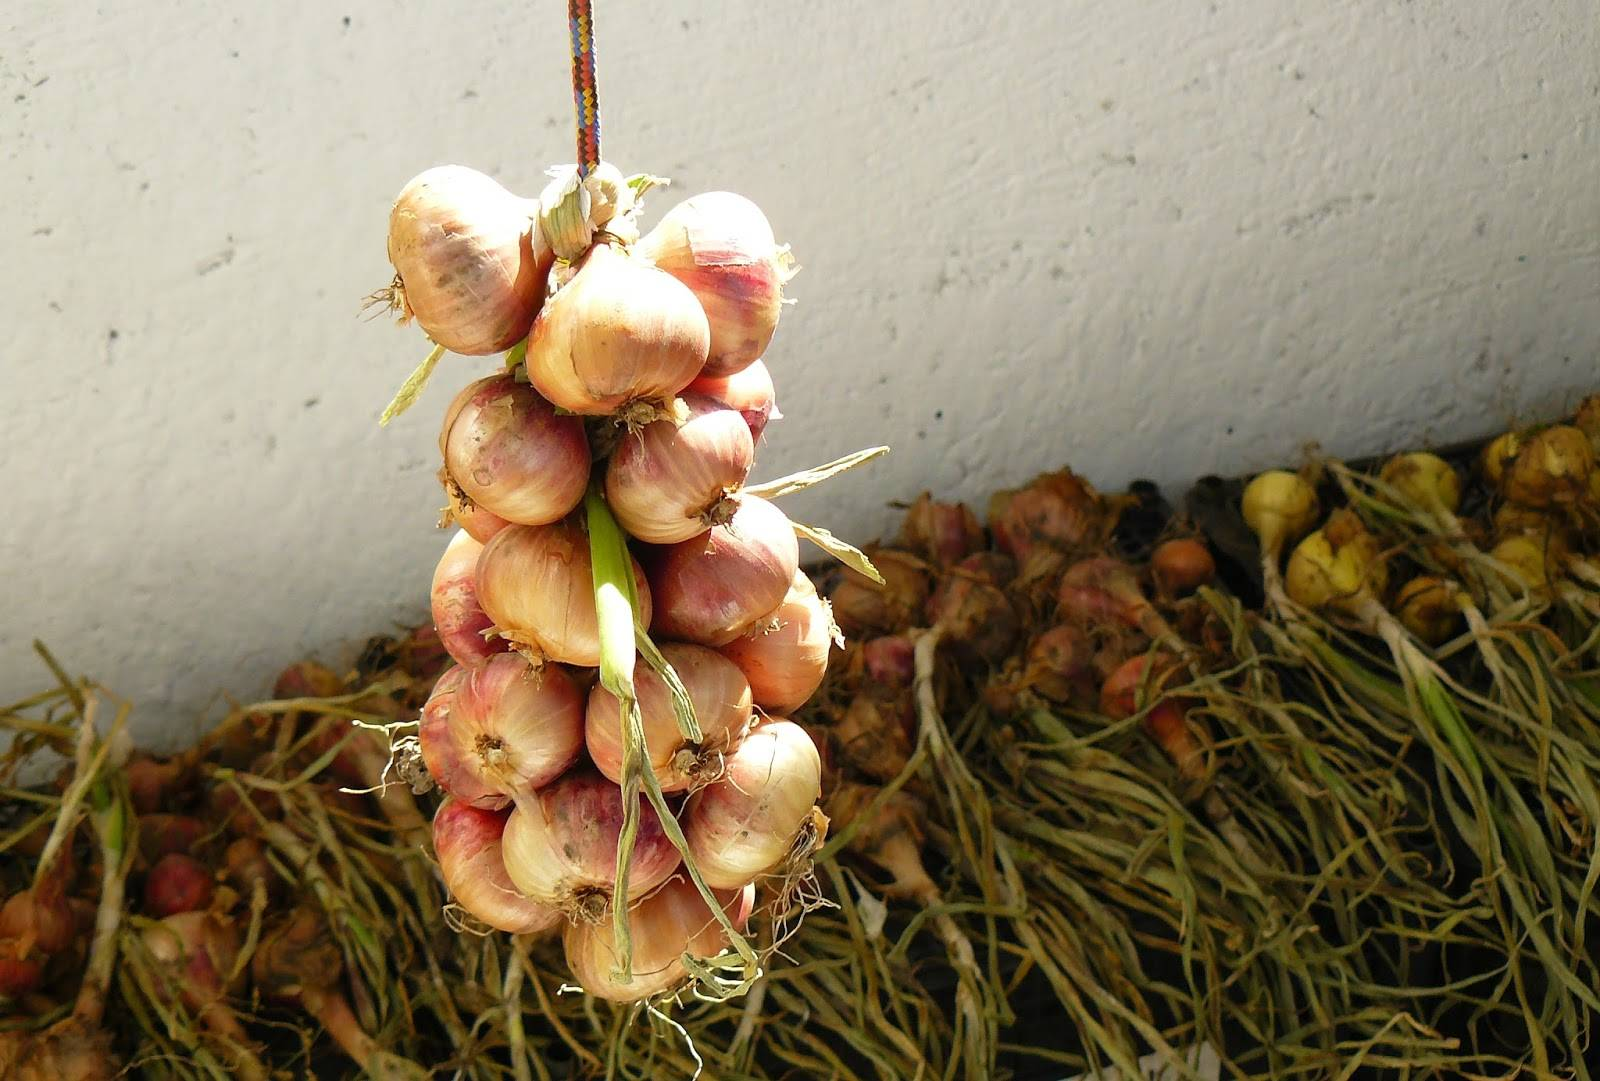 Как хранить чеснок на зиму в домашних условиях чтобы не высох